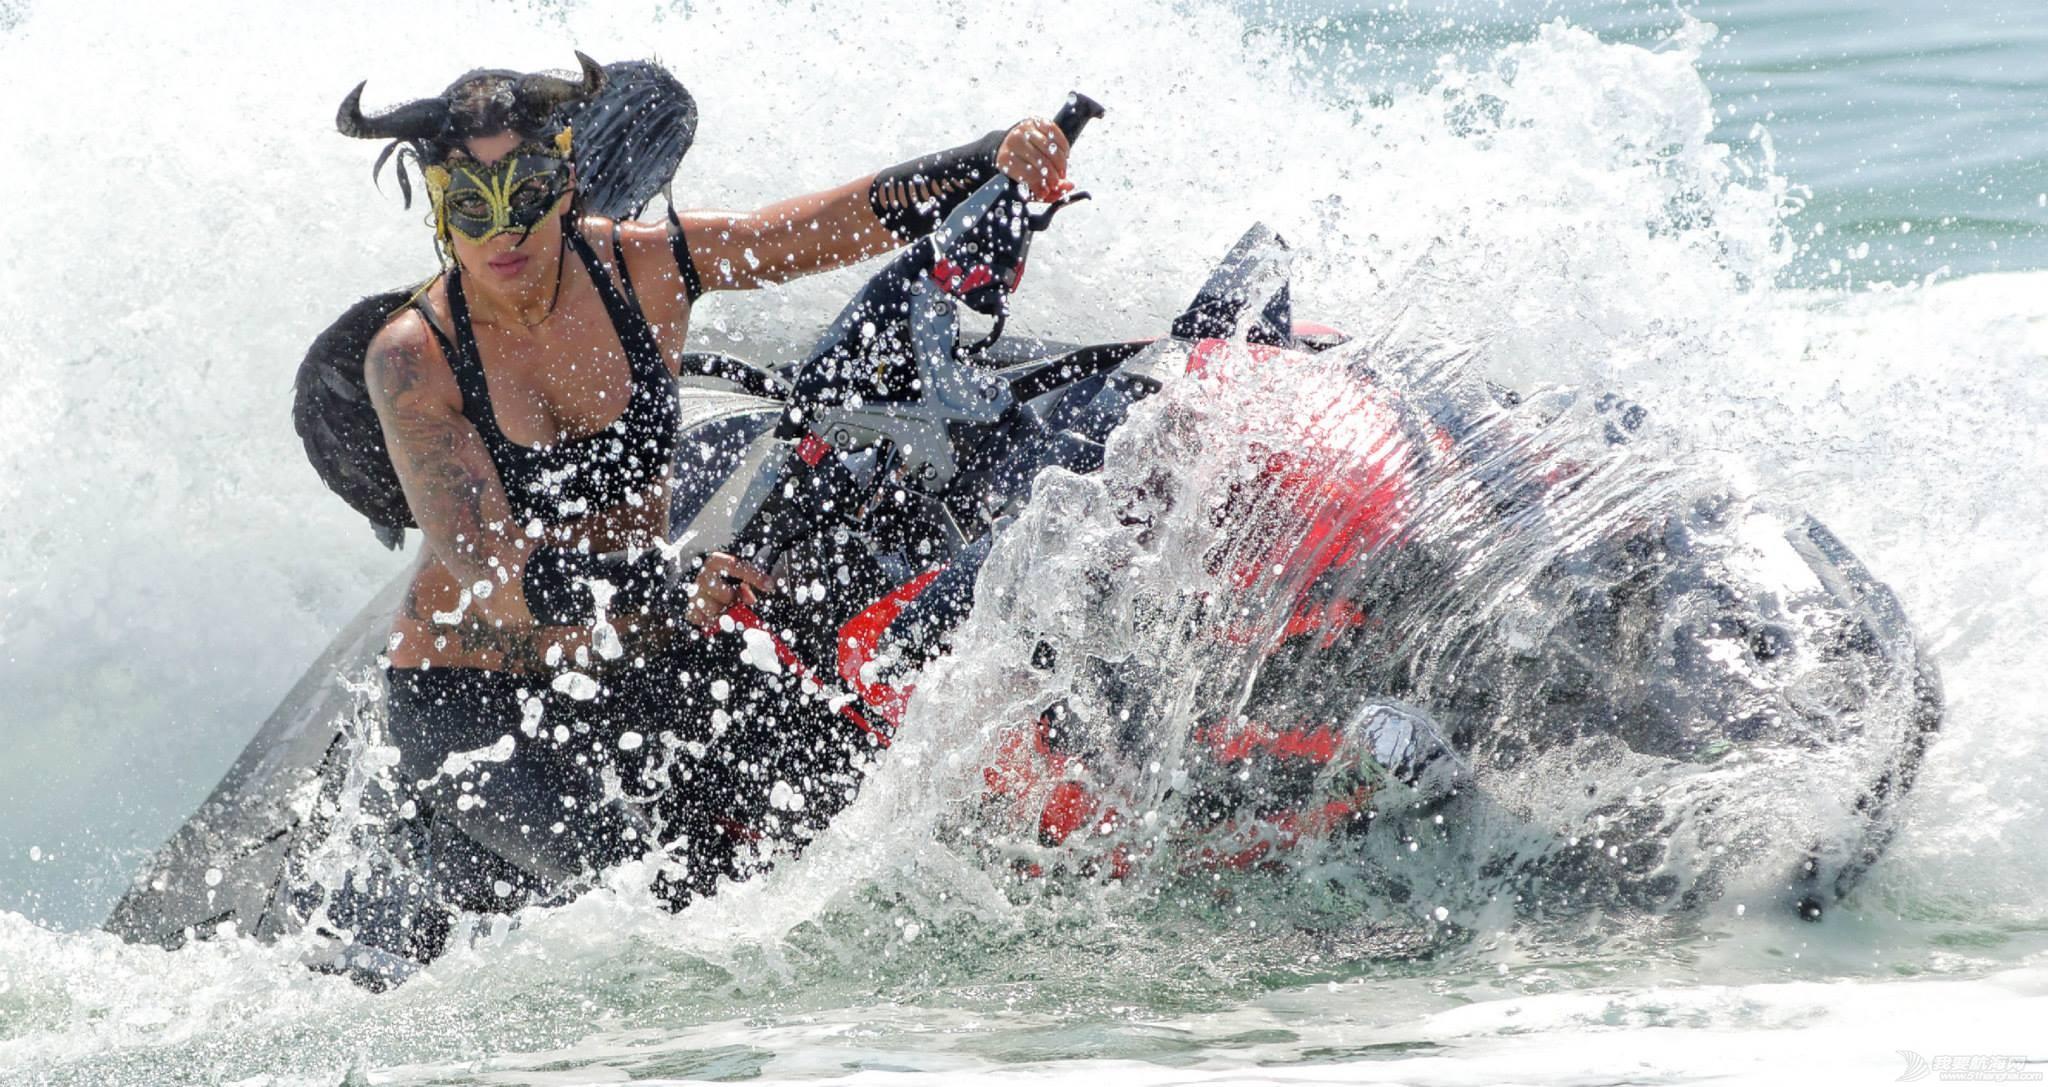 """穿比基尼,水上运动,阳光沙滩,爱好者,救生衣 """"艇""""胸而上 带你浪 e4164edf76553977d5a00ce1c0457015.jpg"""